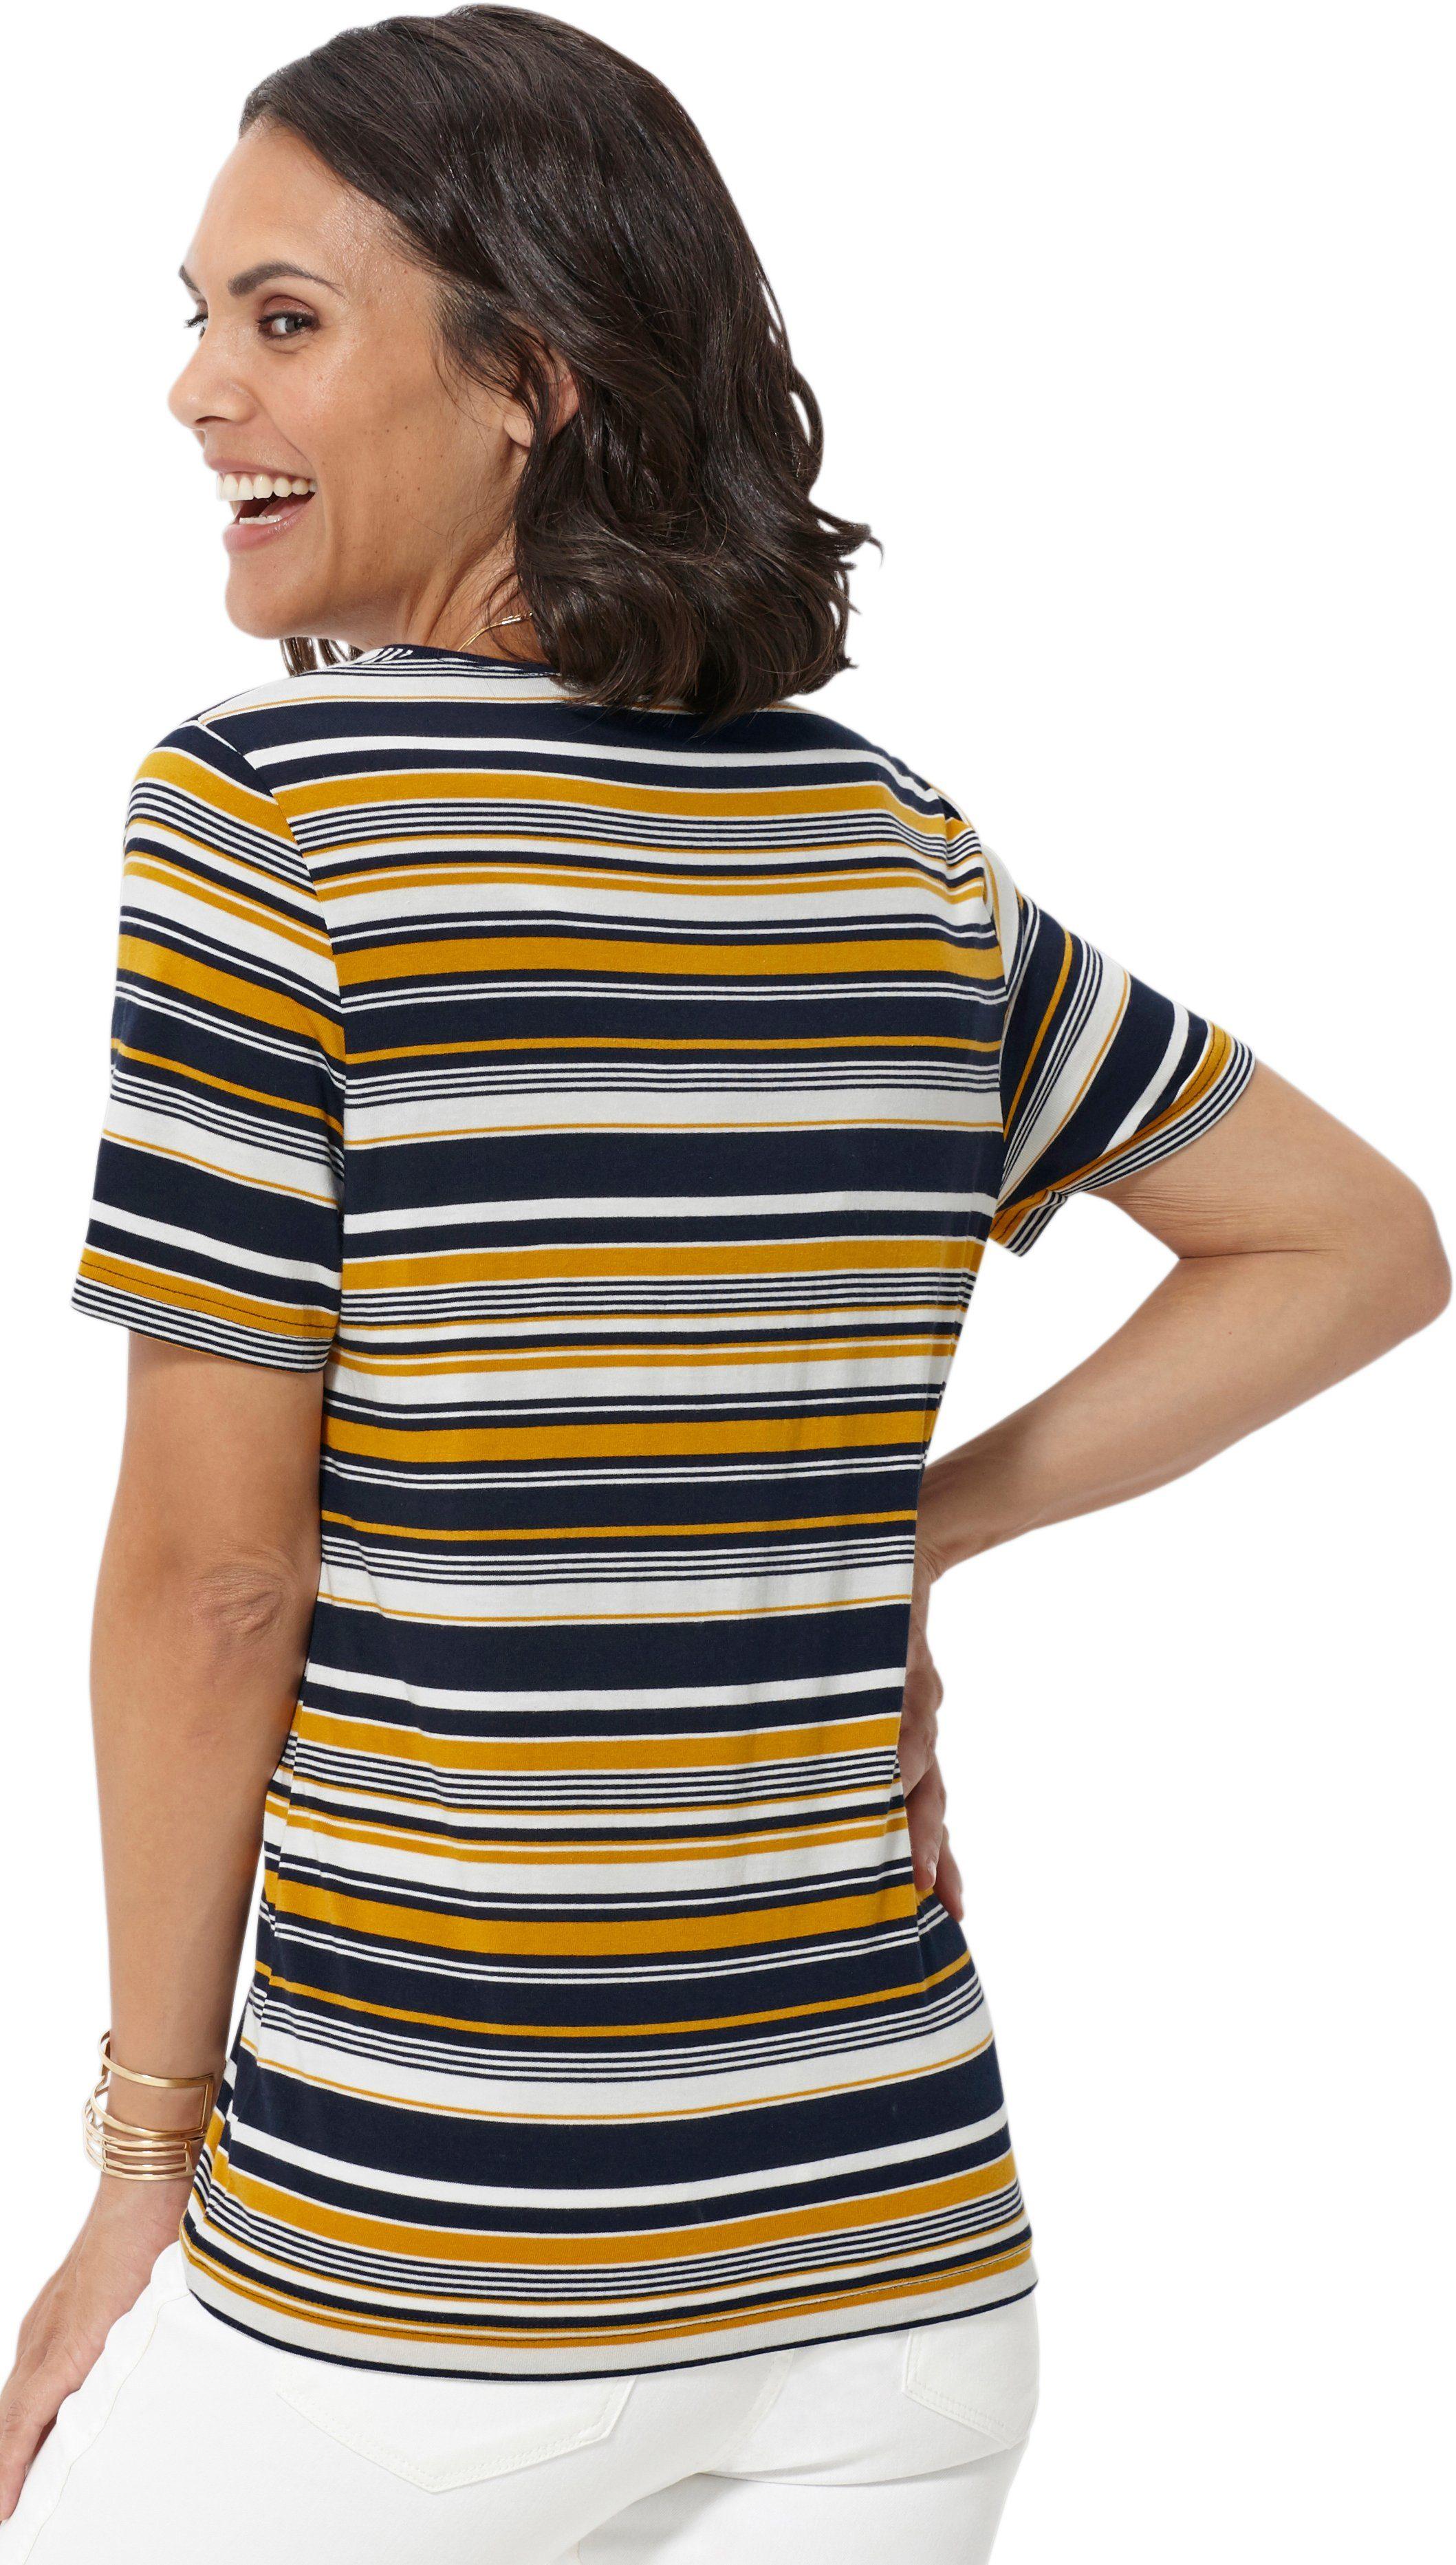 Casual Kaufen Mit Breiten Streifen Looks Shirt LAR53j4